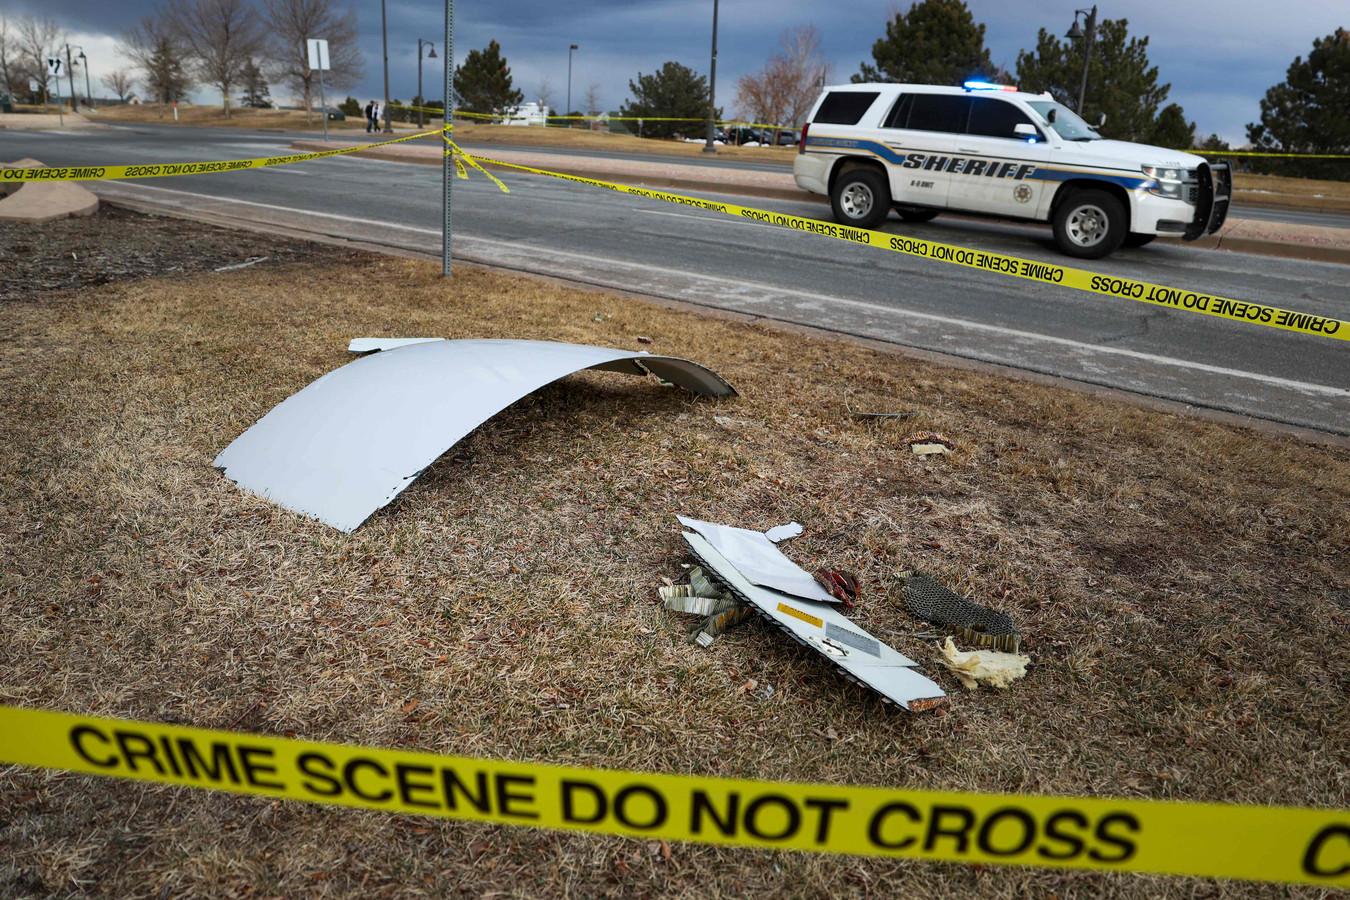 Brokstukken op de grond in Broomfield, Colorado.